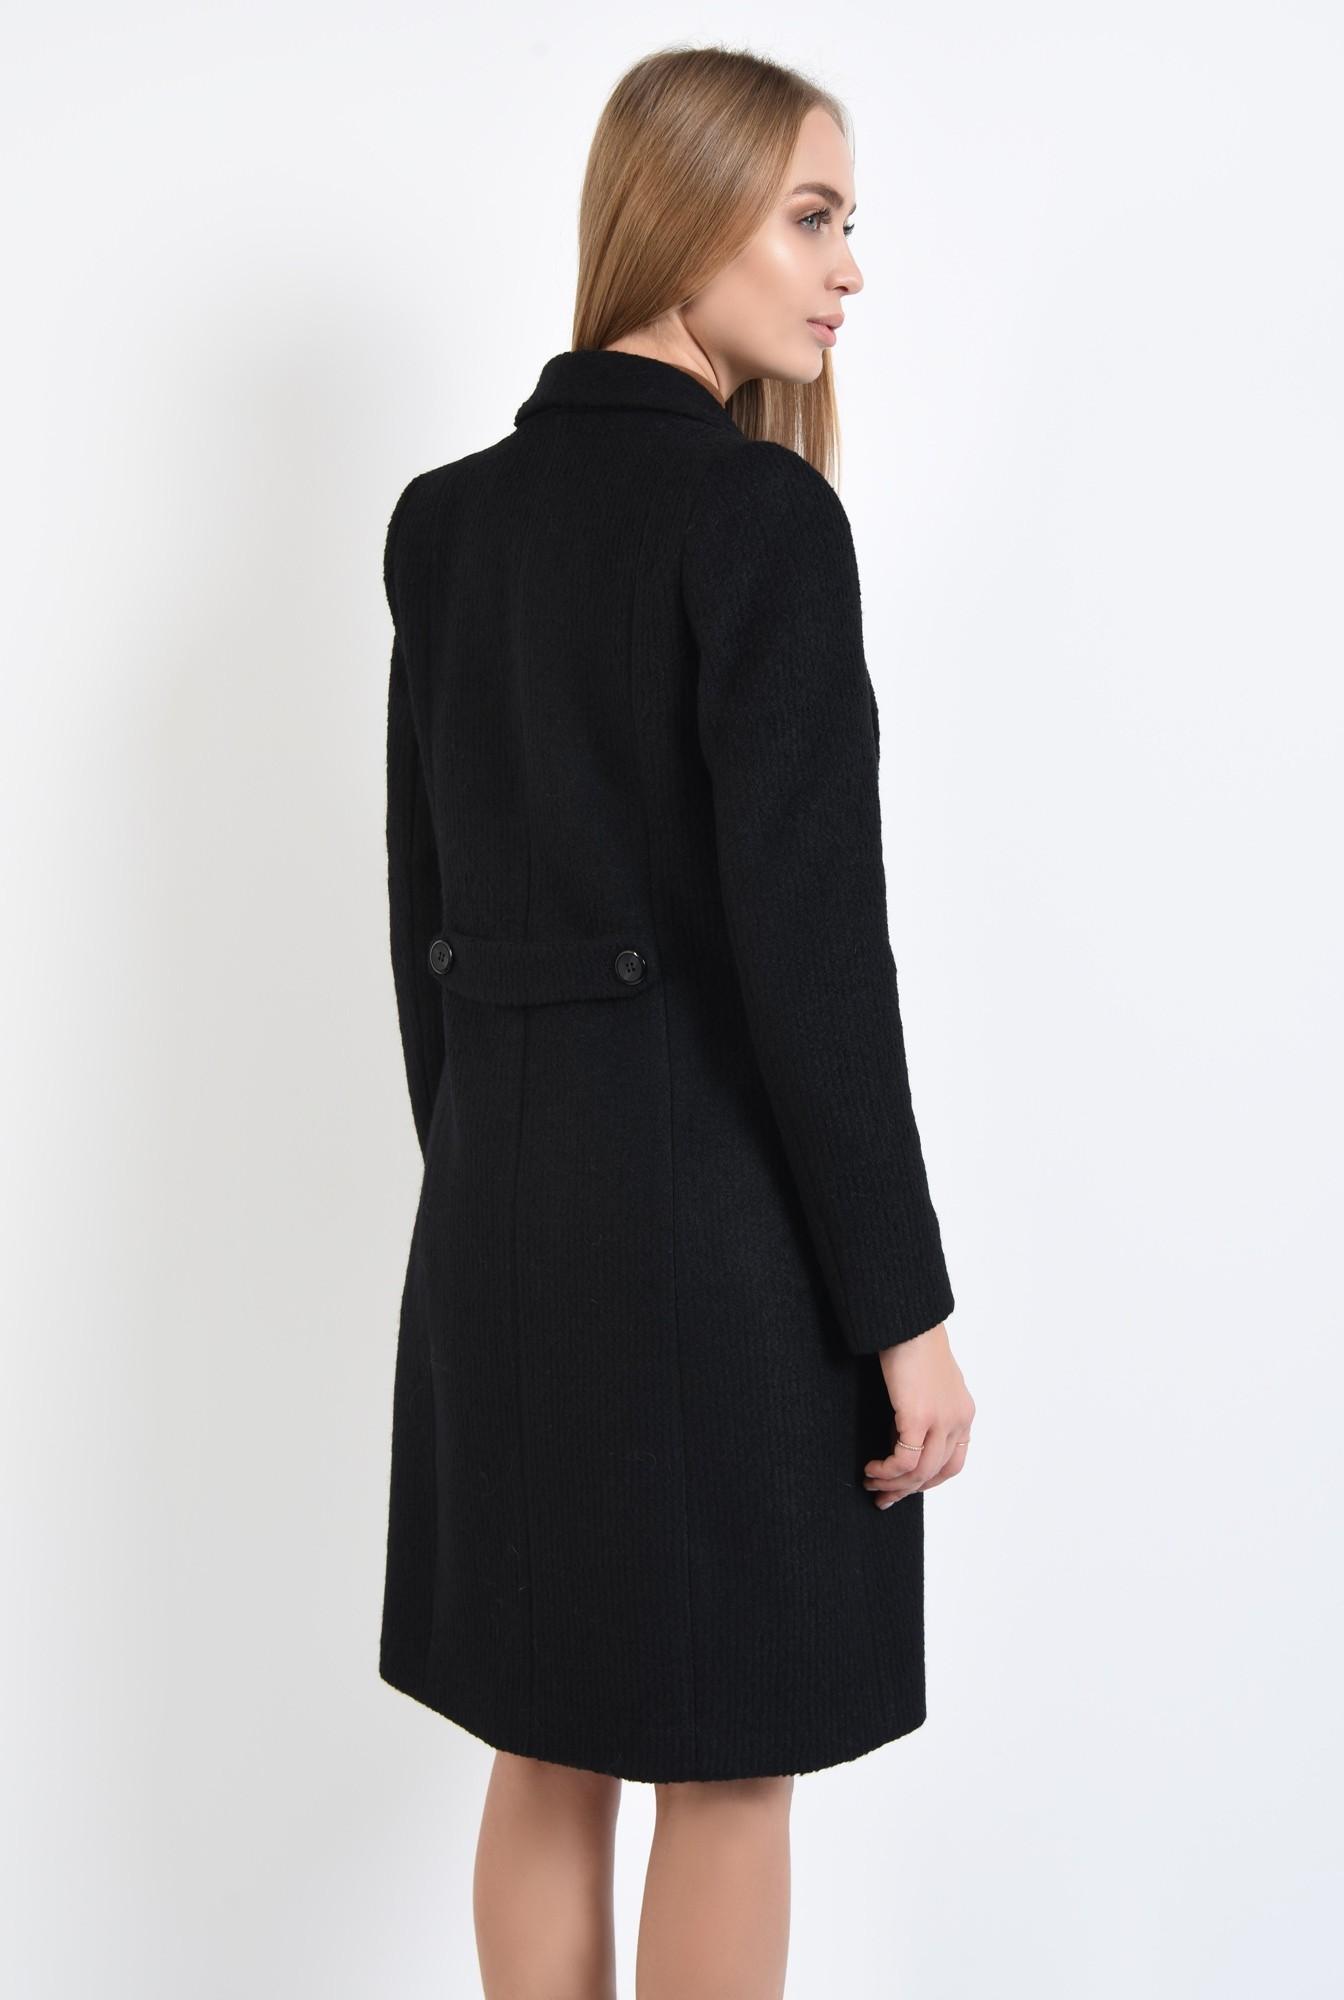 1 - 360 - palton negru, cu revere rotunjite, inchidere cu butoniera